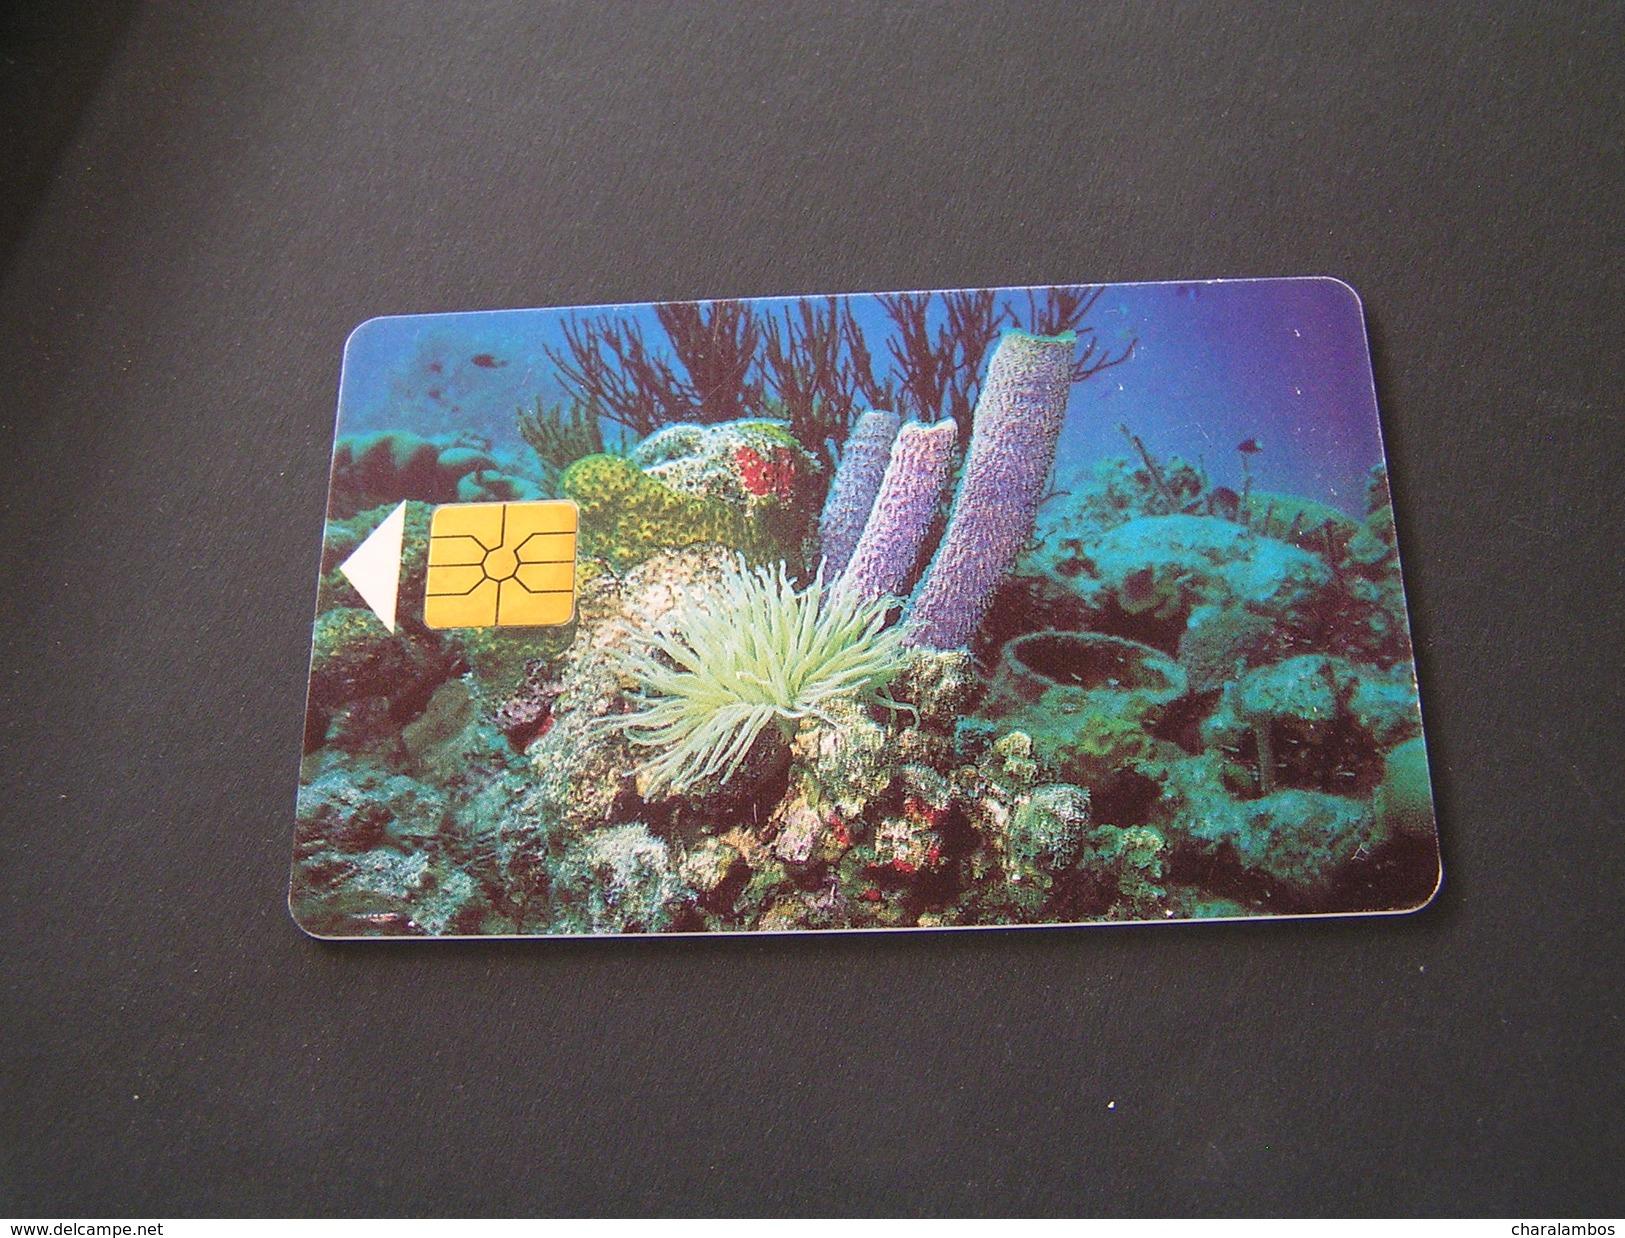 Antilles [Netherlands] Phonecards. - Antilles (Netherlands)